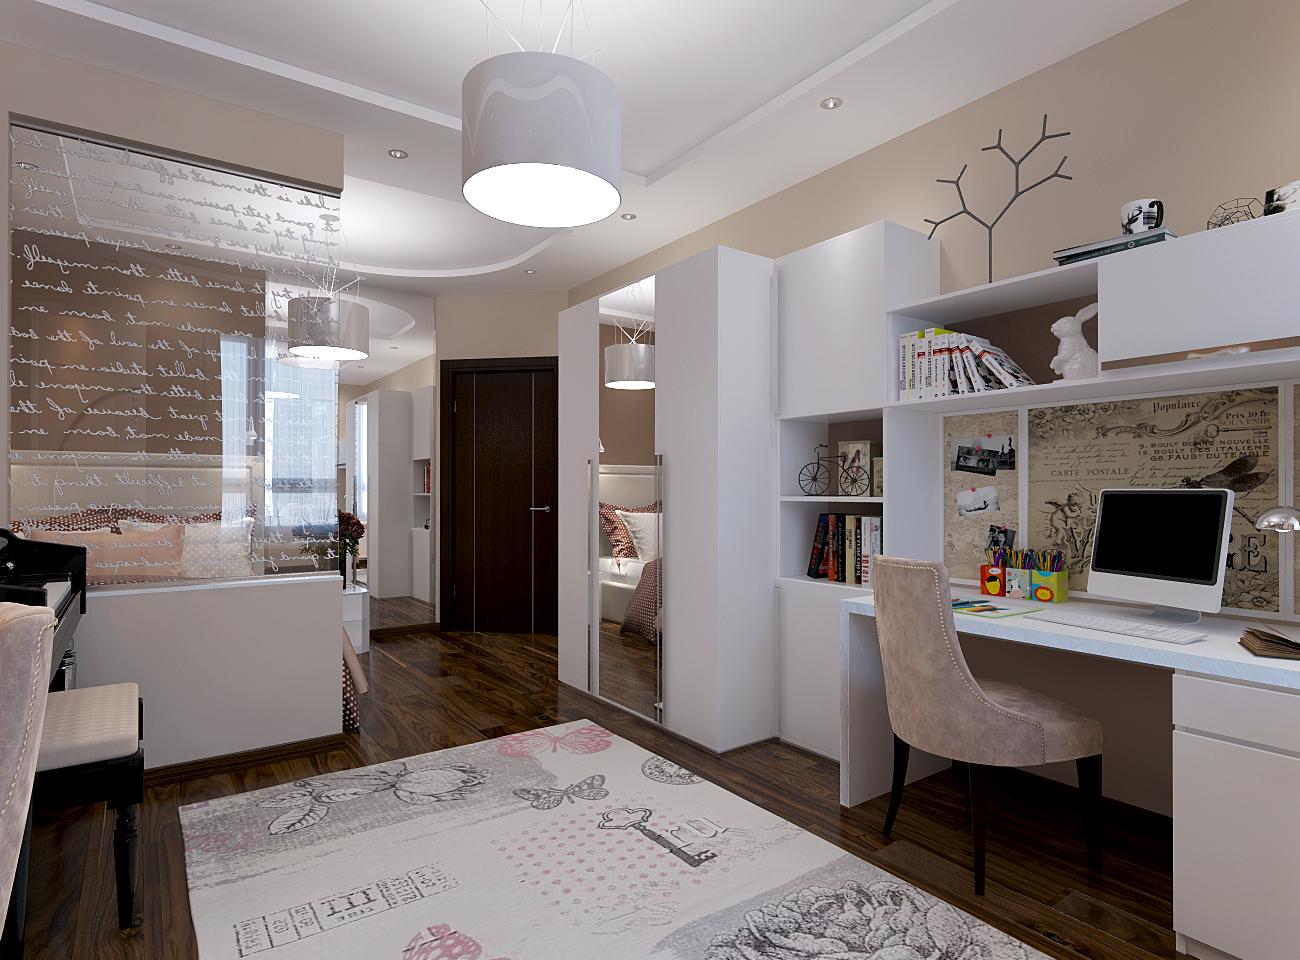 Дизайн-проект детской комнаты 18 кв. м с современным дизайном для подростка